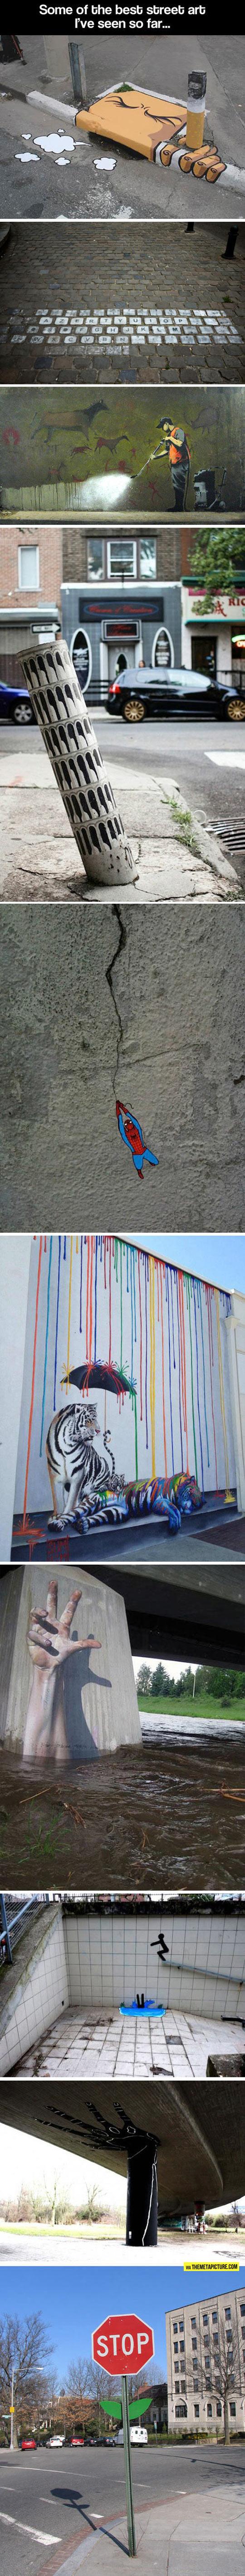 Clever Urban Street Art